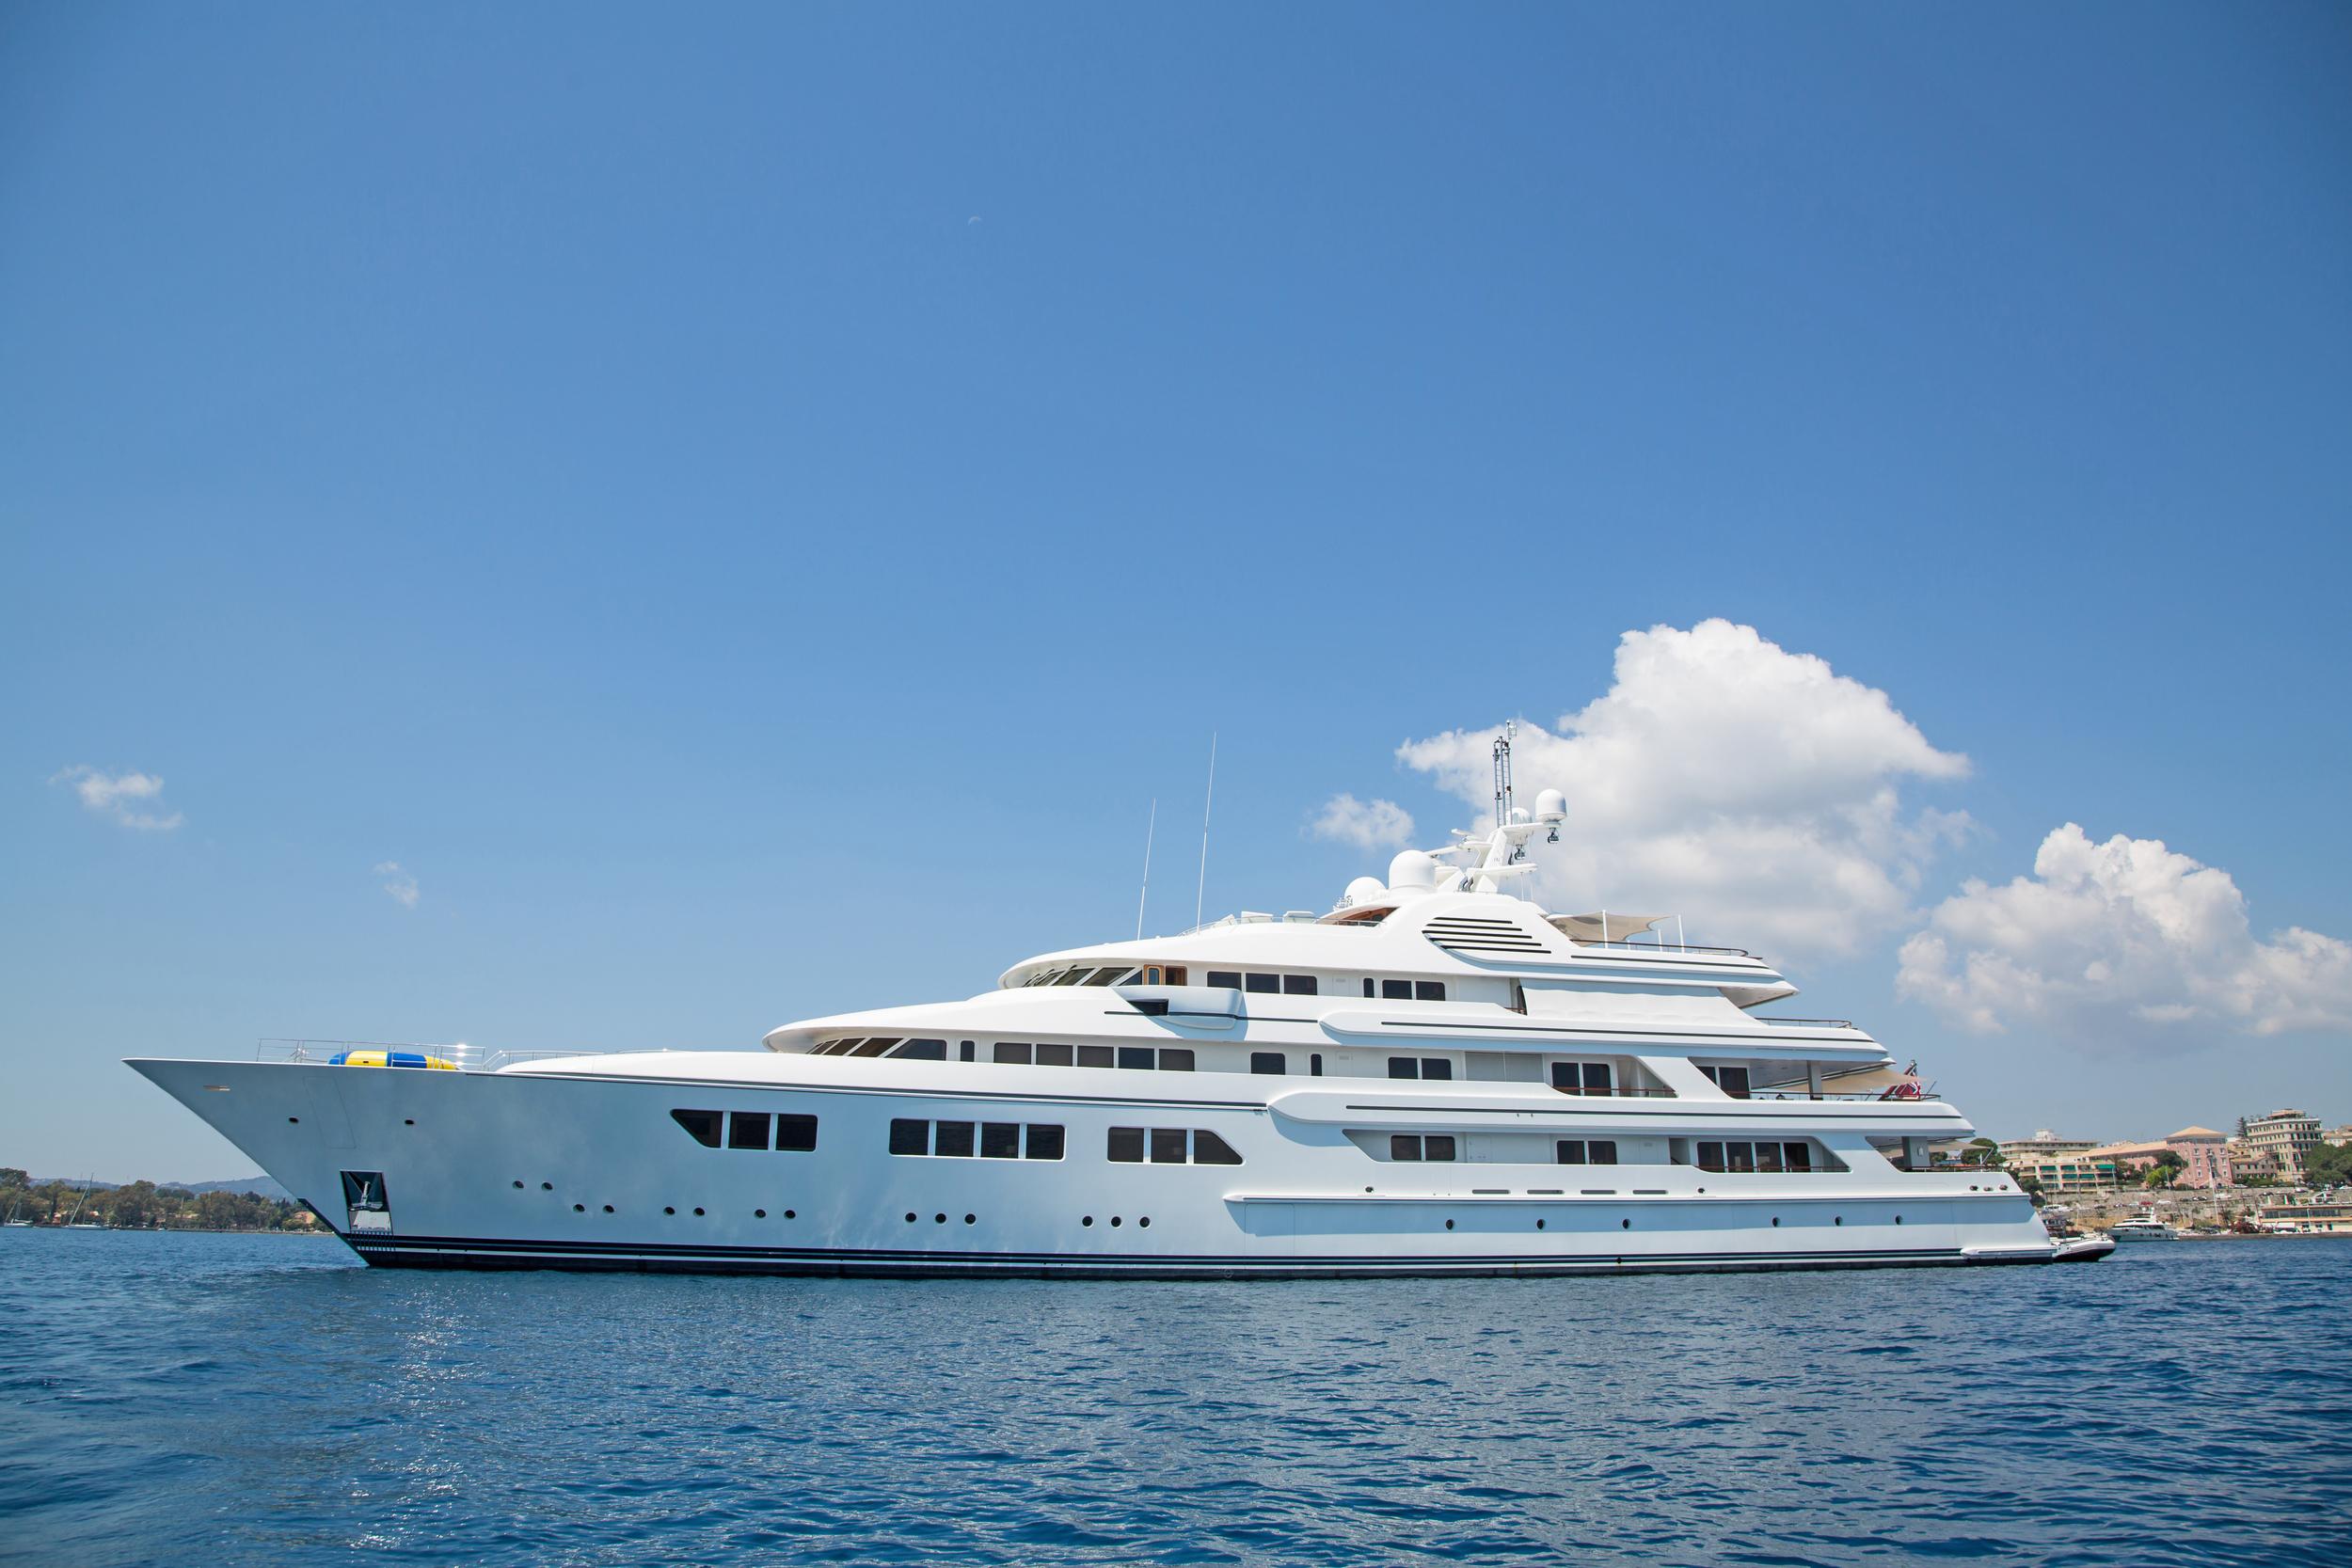 Luxury Yatch - 320 feet